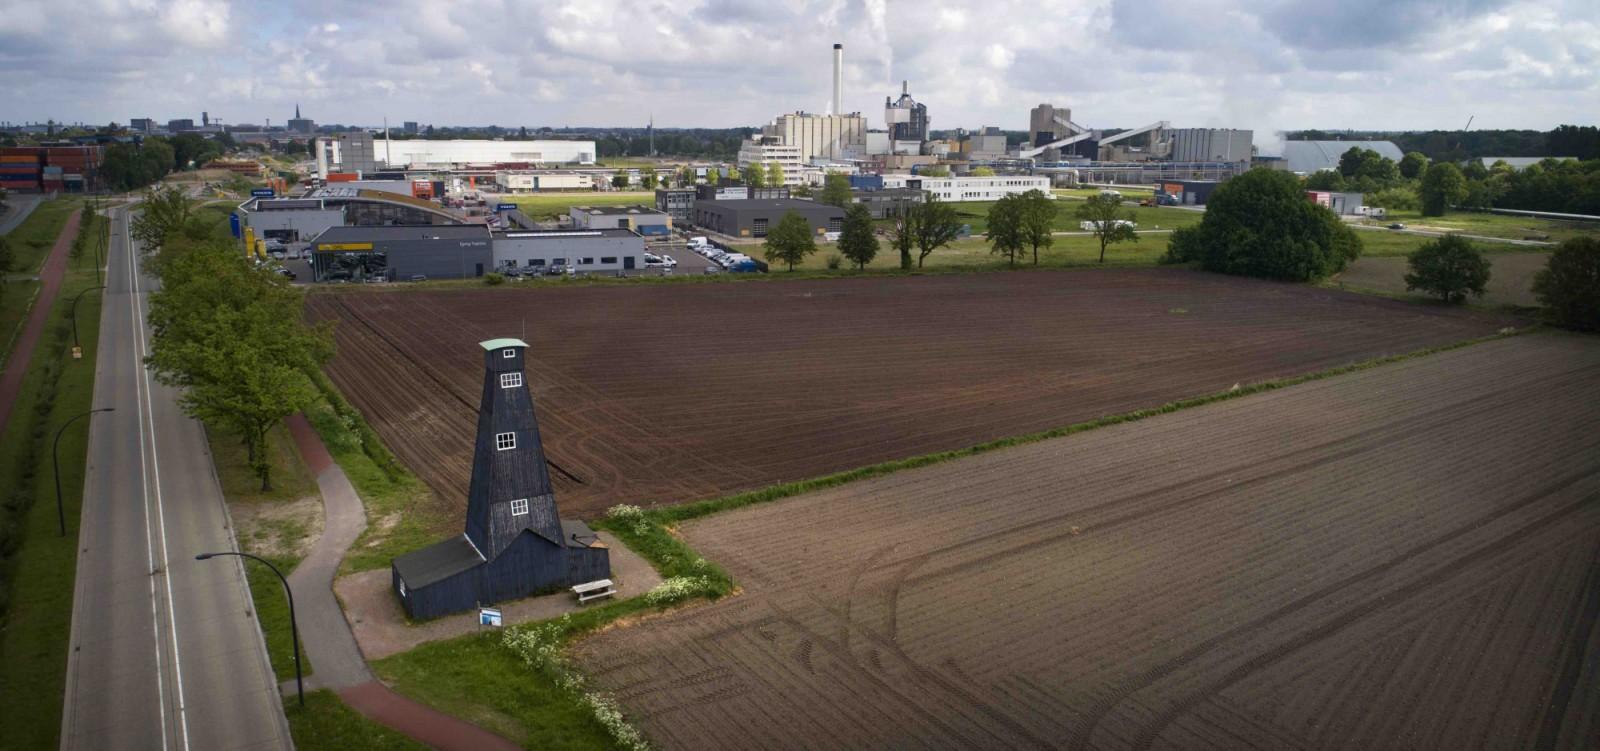 Zuiver zout uit Twente sinds 1918